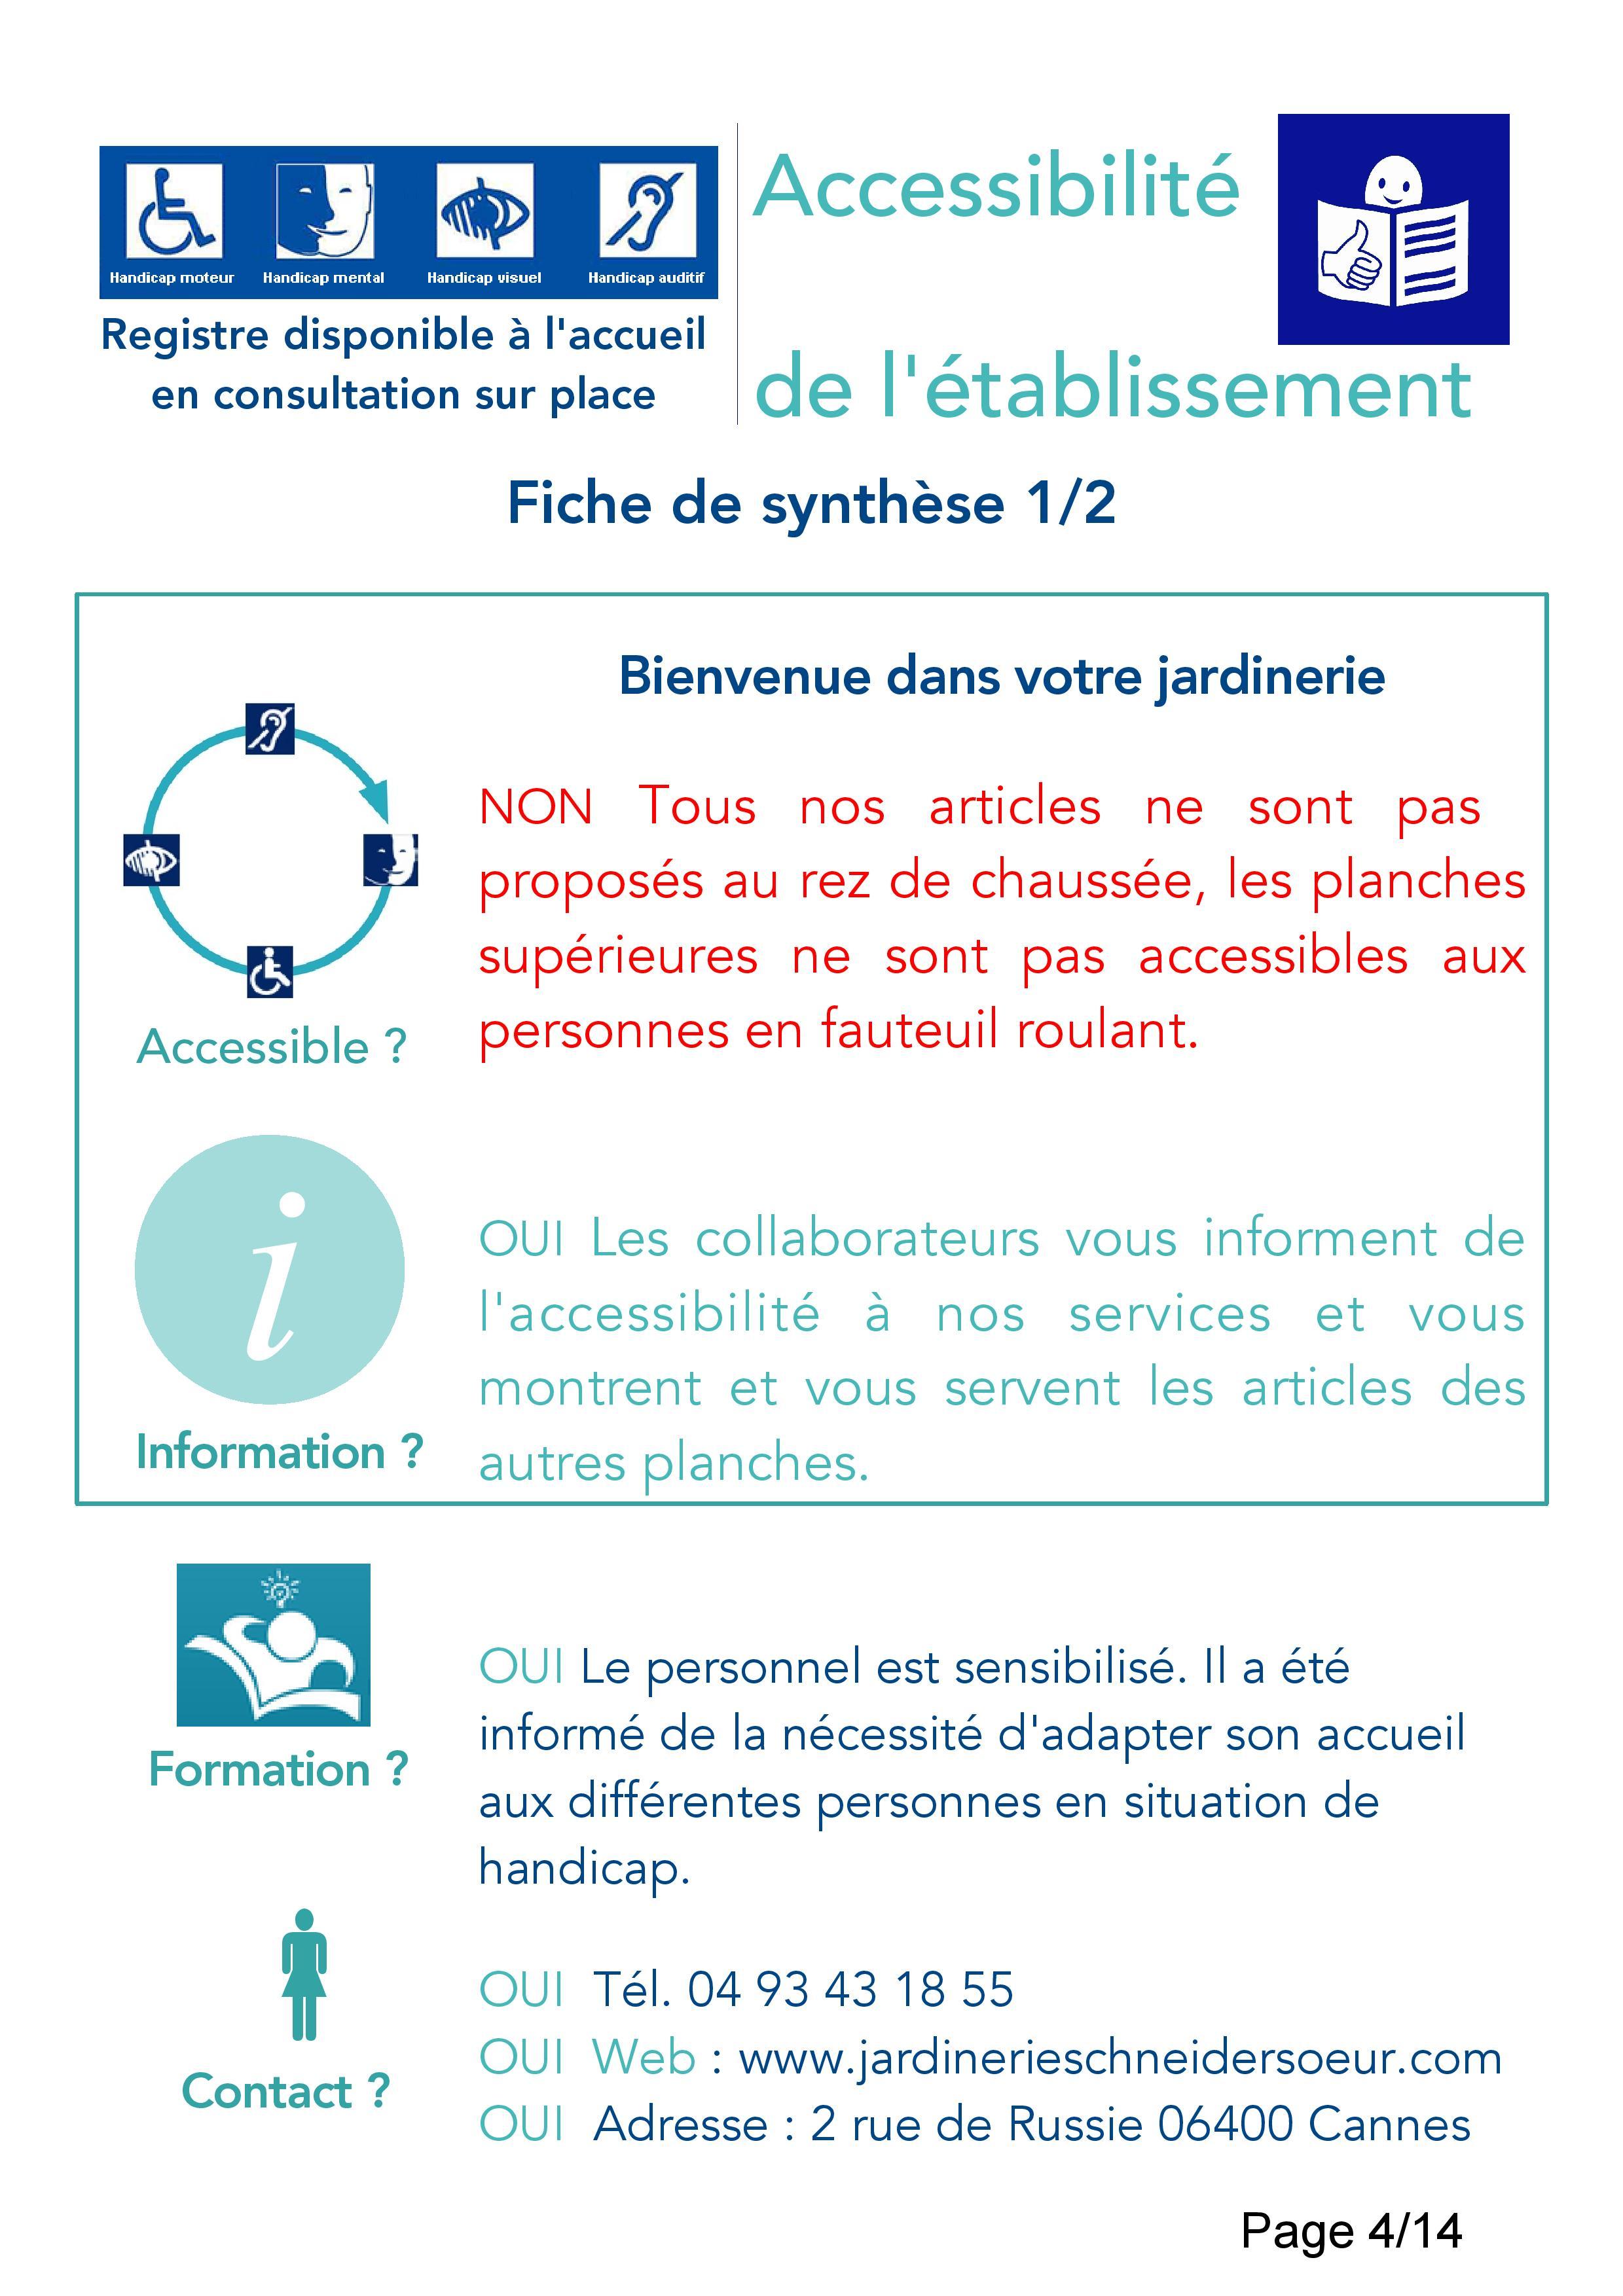 Registre accessibilité Jardinerie Schneider Soeur Cannes-page-004